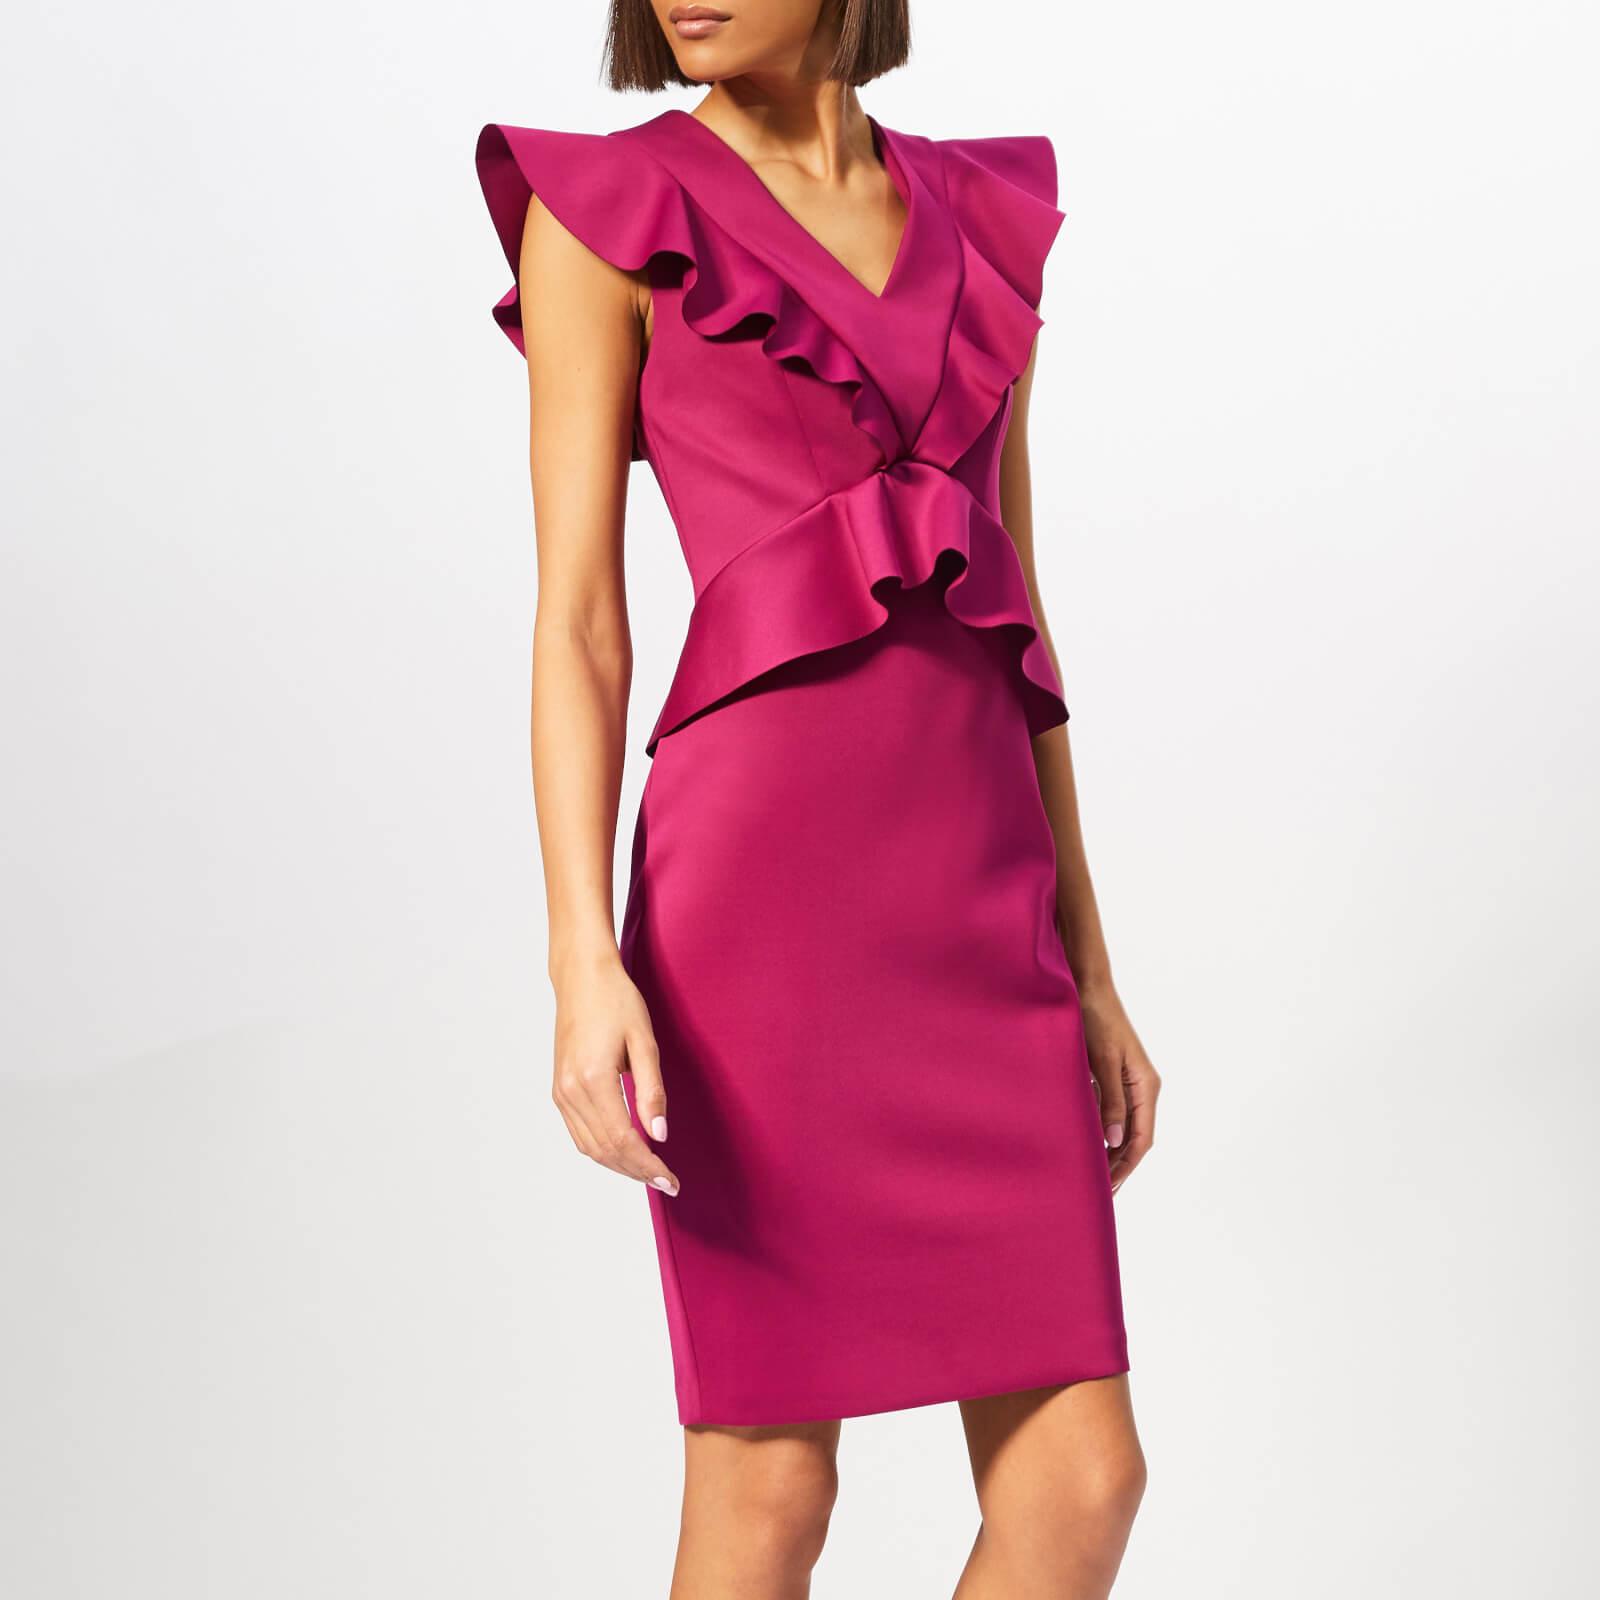 Ted Baker Women's Alair Ruffle Peplum Bodycon Dress - Deep-Pink - 3/UK 12 - Pink